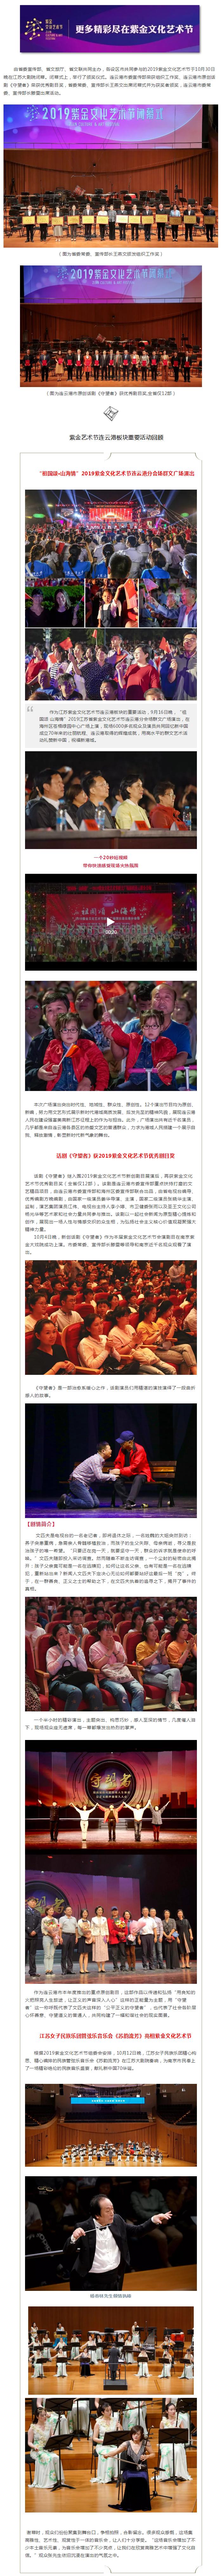 """连云港与紫金文化艺术节的""""美好相约"""""""